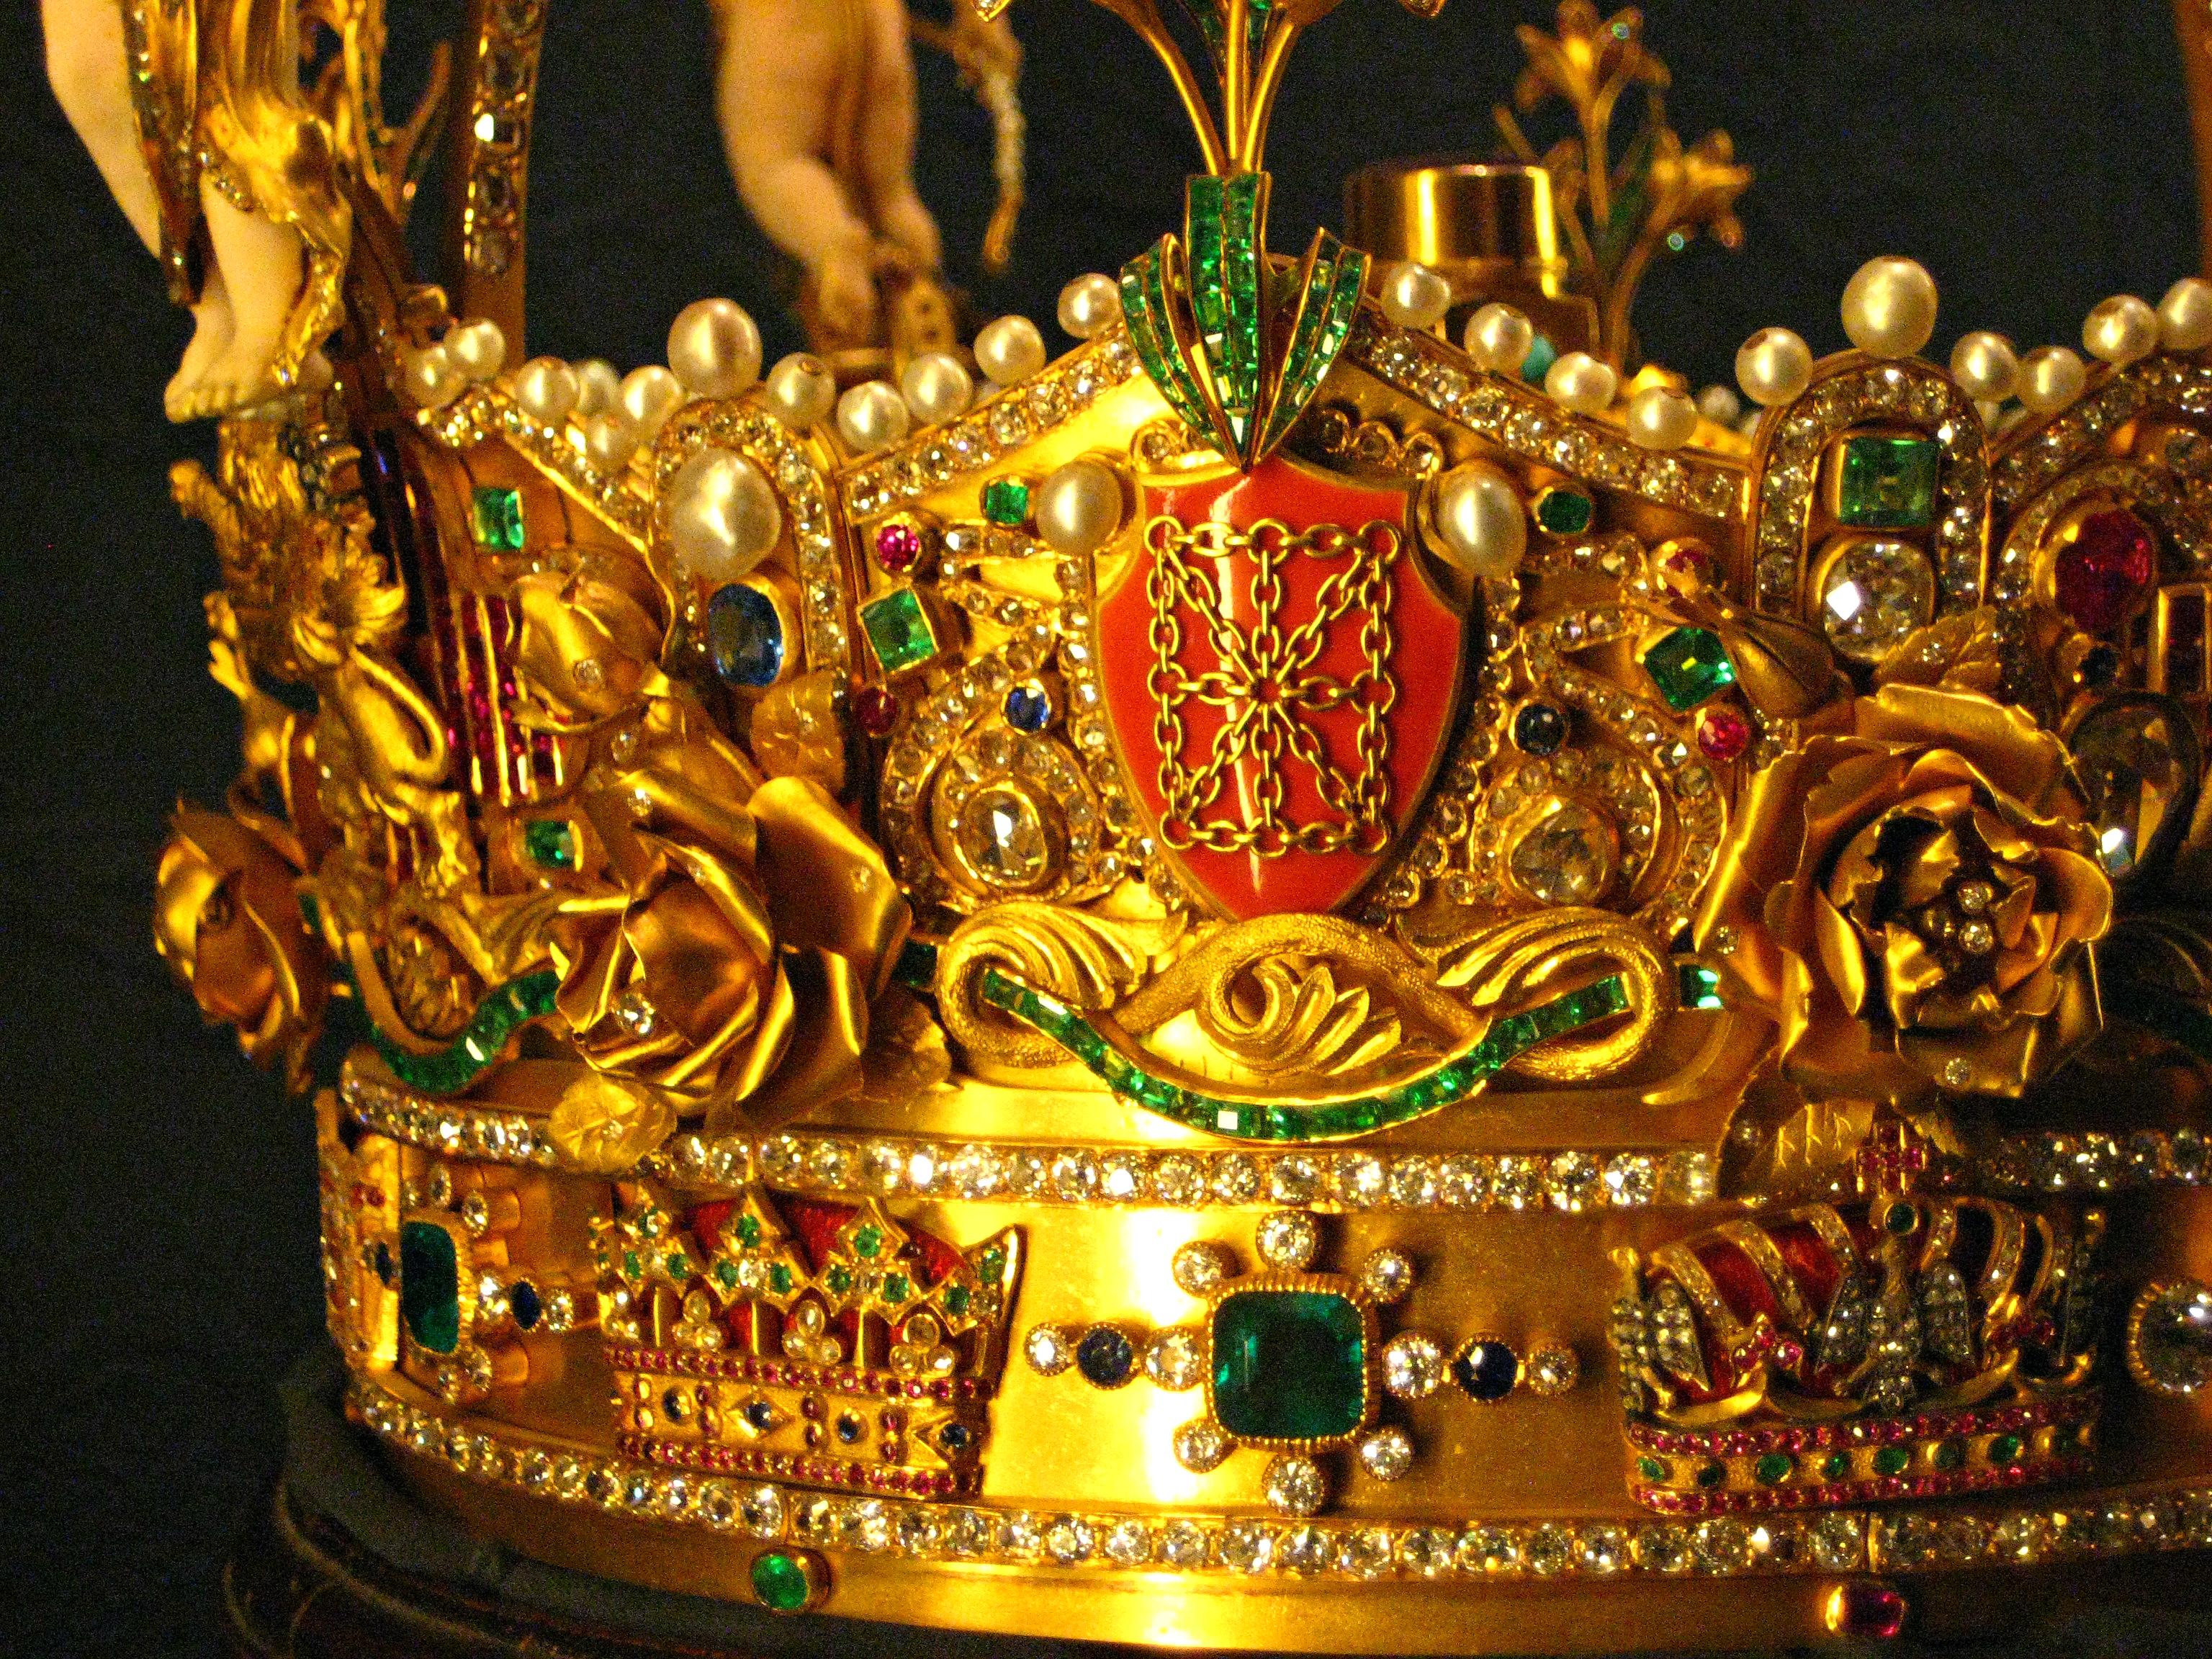 Real Royal Crowns